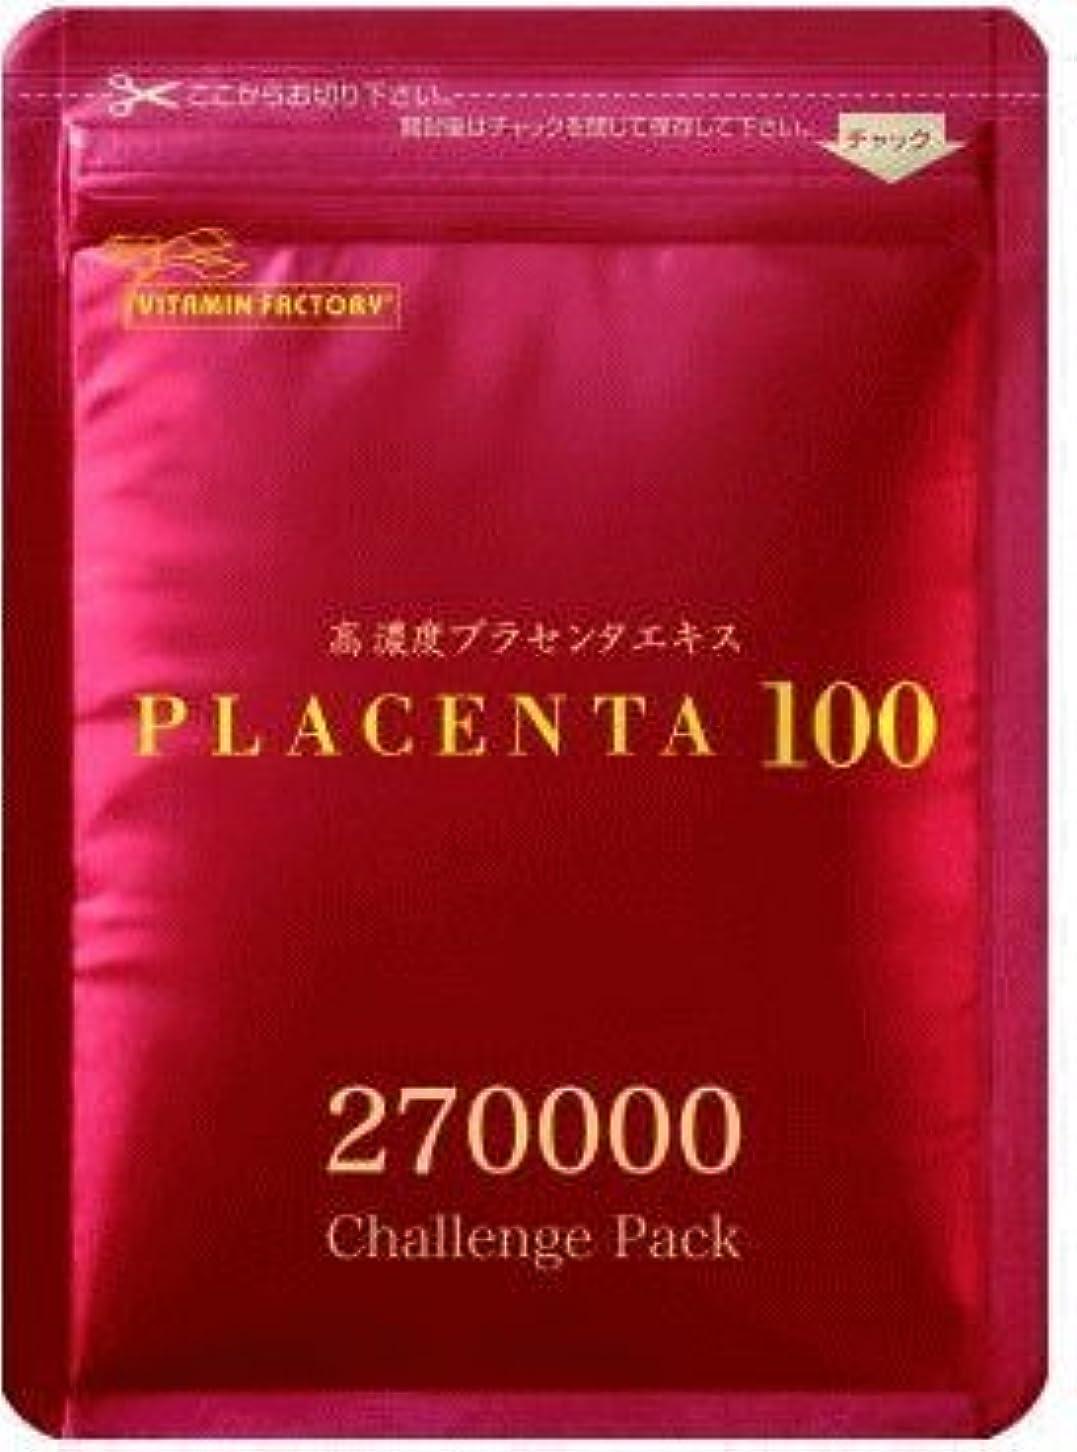 幹医薬クループラセンタ100 30粒 R&Y  270000チャレンジパック